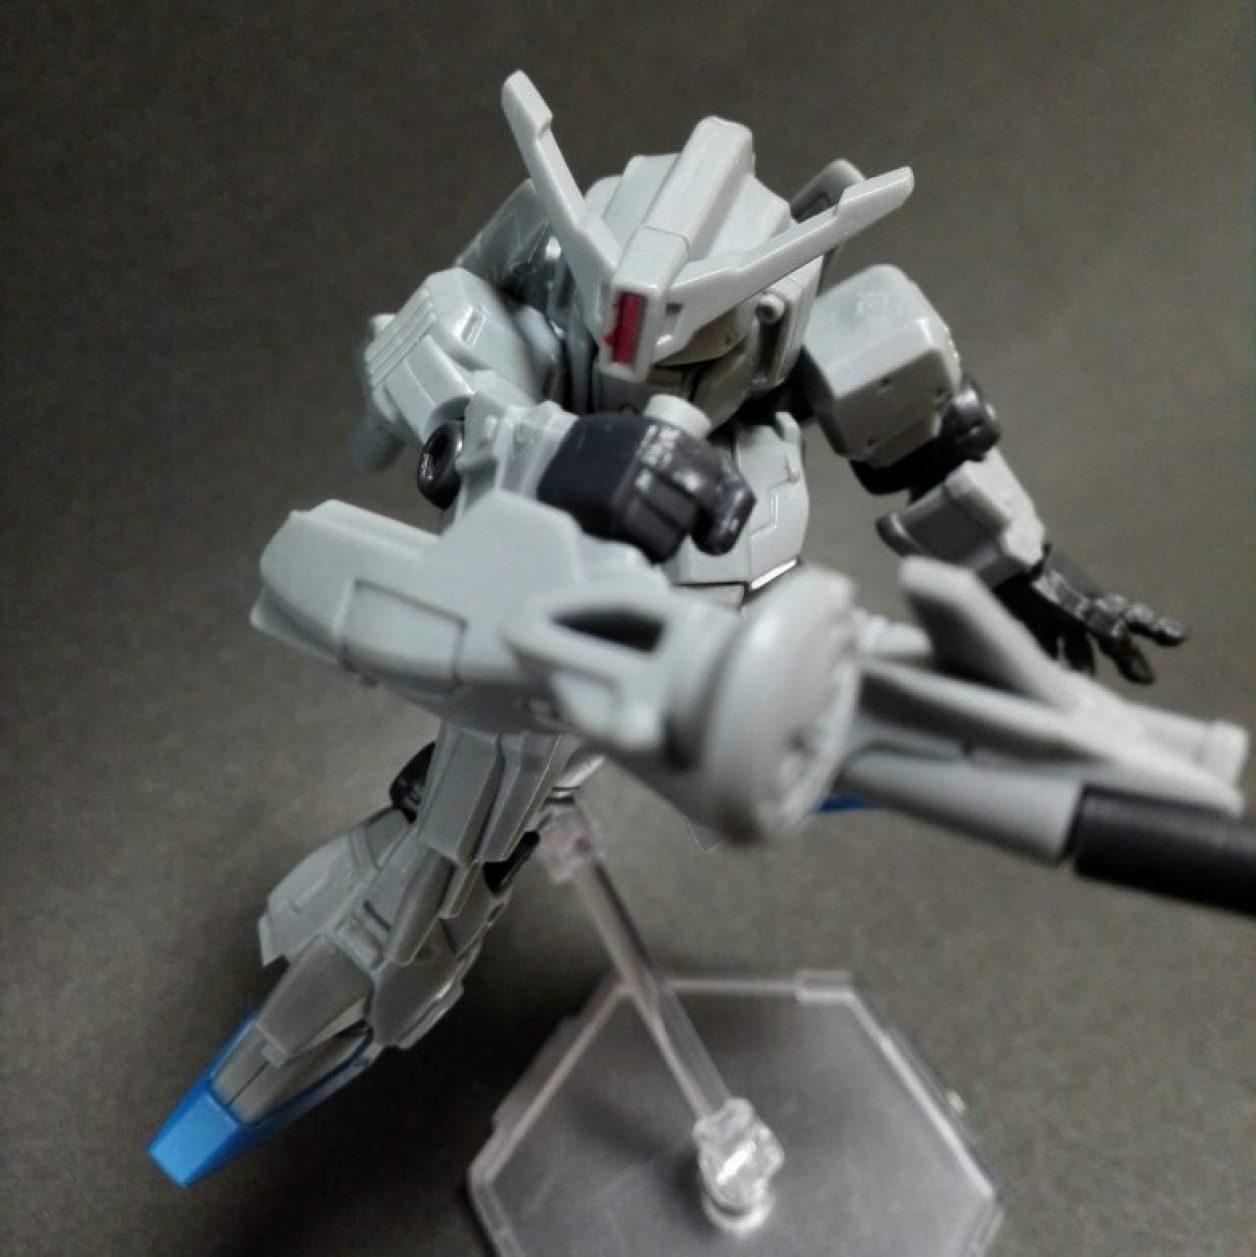 mobile suit ensemble(モビルスーツアンサンブル)14弾のゼータプラスとMS武器セットの組み合わせから作ったゼータプラスC1にC1用ビーム・スマートガンを装備させた画像